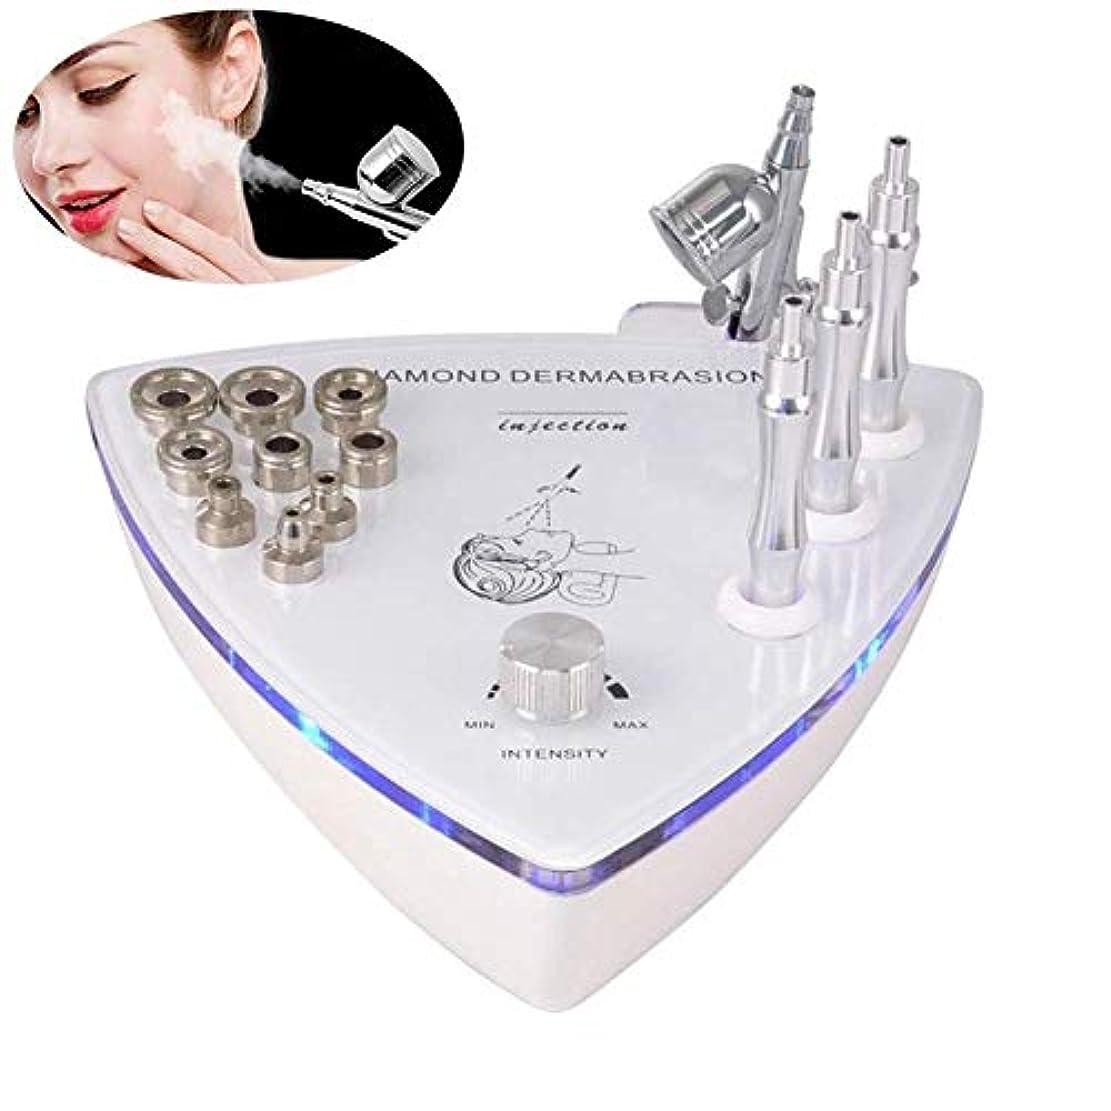 楽観配分ぶどう2 1ダイヤモンド皮膚剥離機では、アンチエイジングピーリングプロフェッショナル美容機を締め付けスプレーガンマイクロダーマブレーションと酸素スプレー洗顔の肌の若返りしわ除去肌に